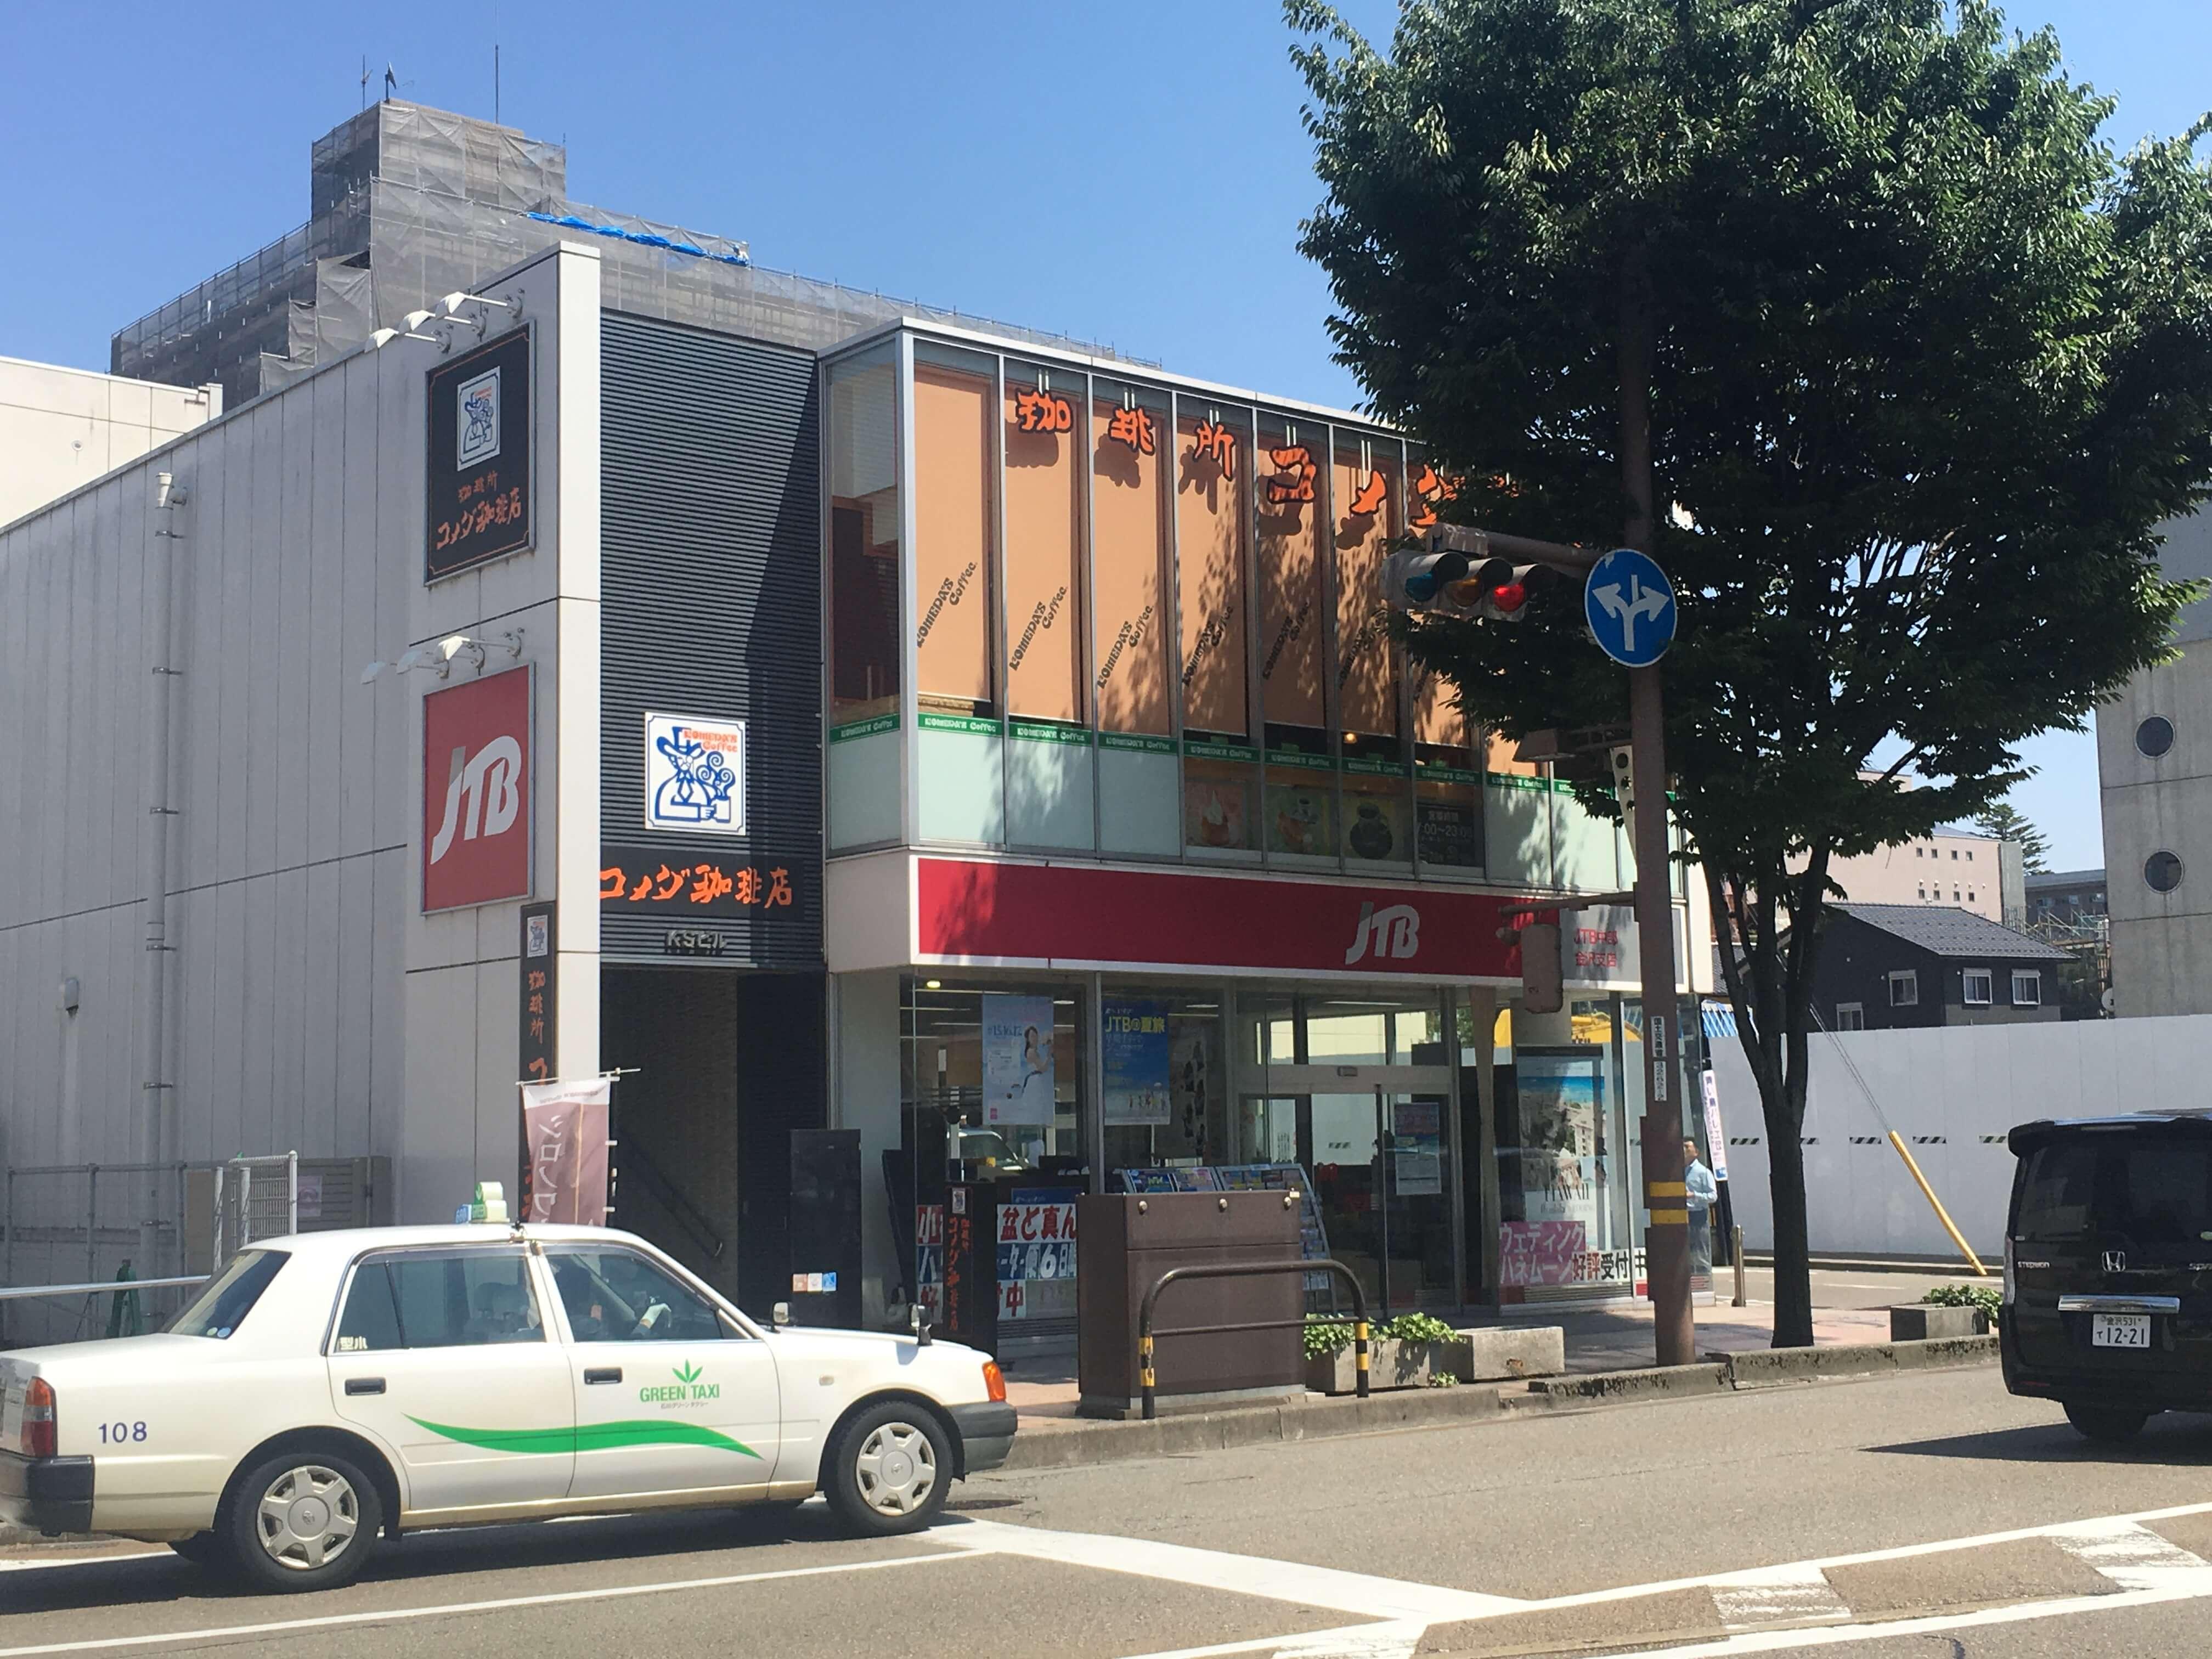 またもや武蔵から大手チェーンが撤退。コメダ珈琲店 金沢武蔵店が6月30日で閉店へ